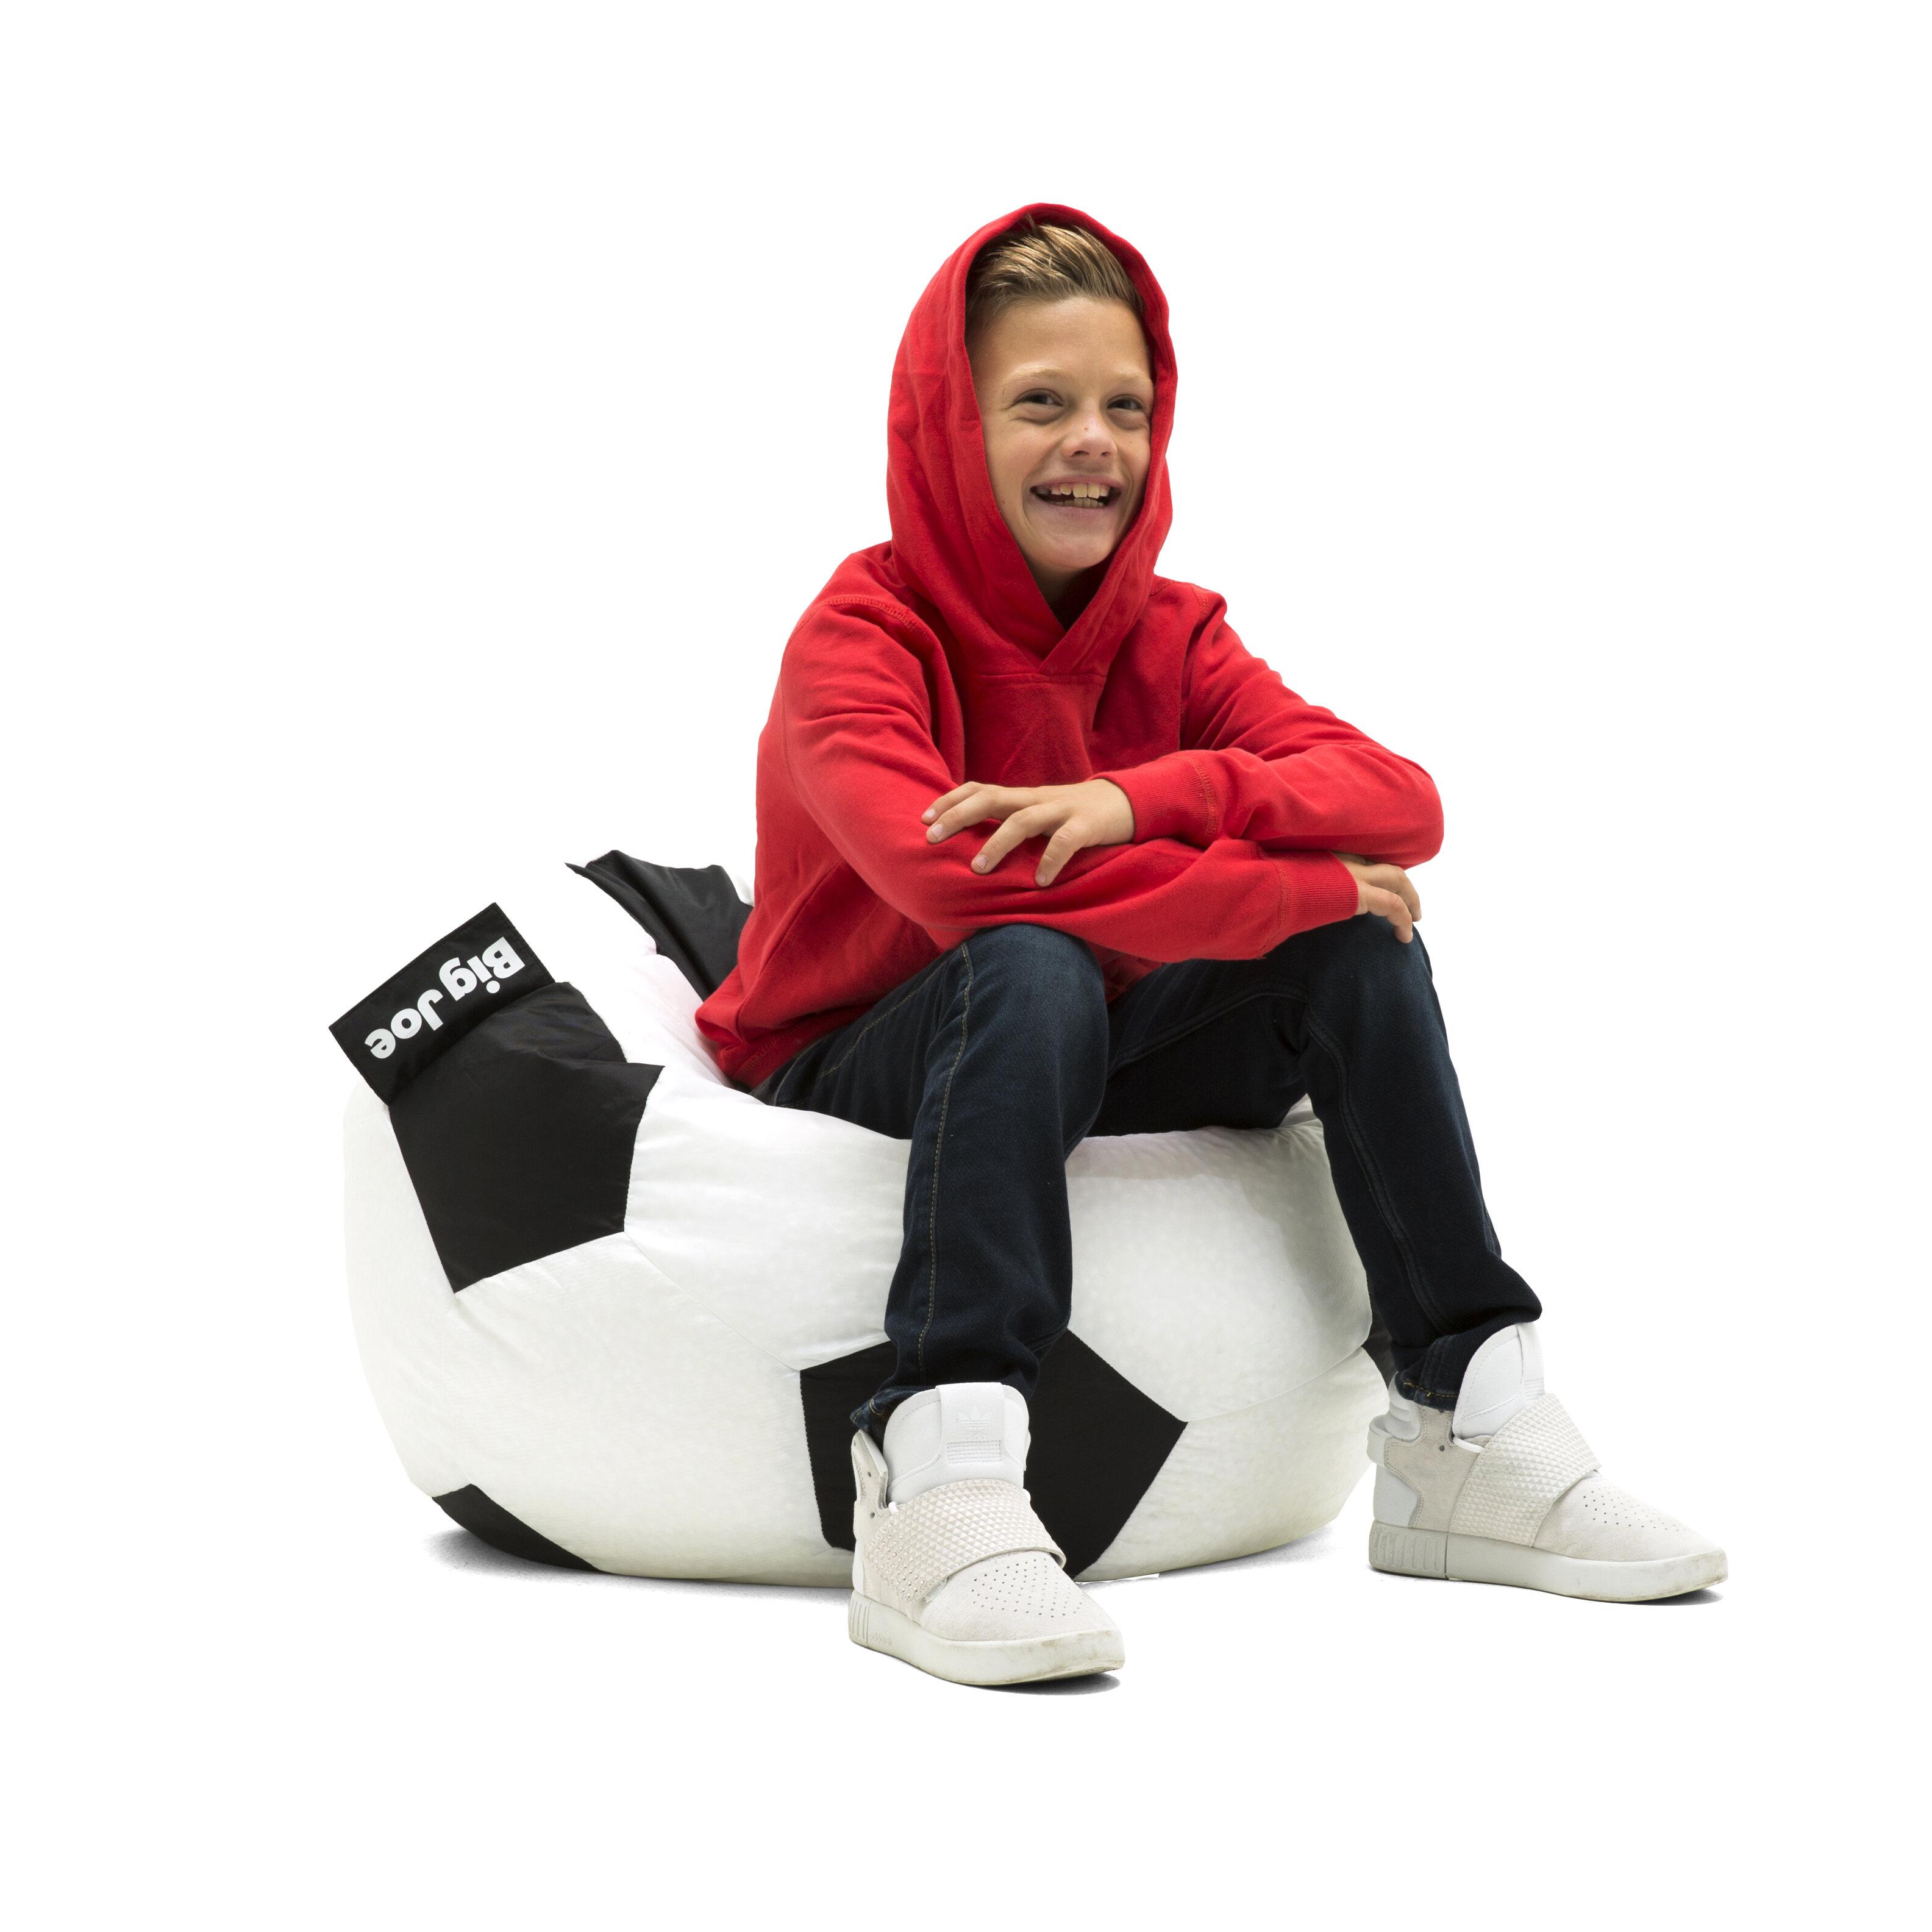 7cd2d65017e8 Comfort Research Big Joe Soccer Ball Bean Bag Chair   Reviews